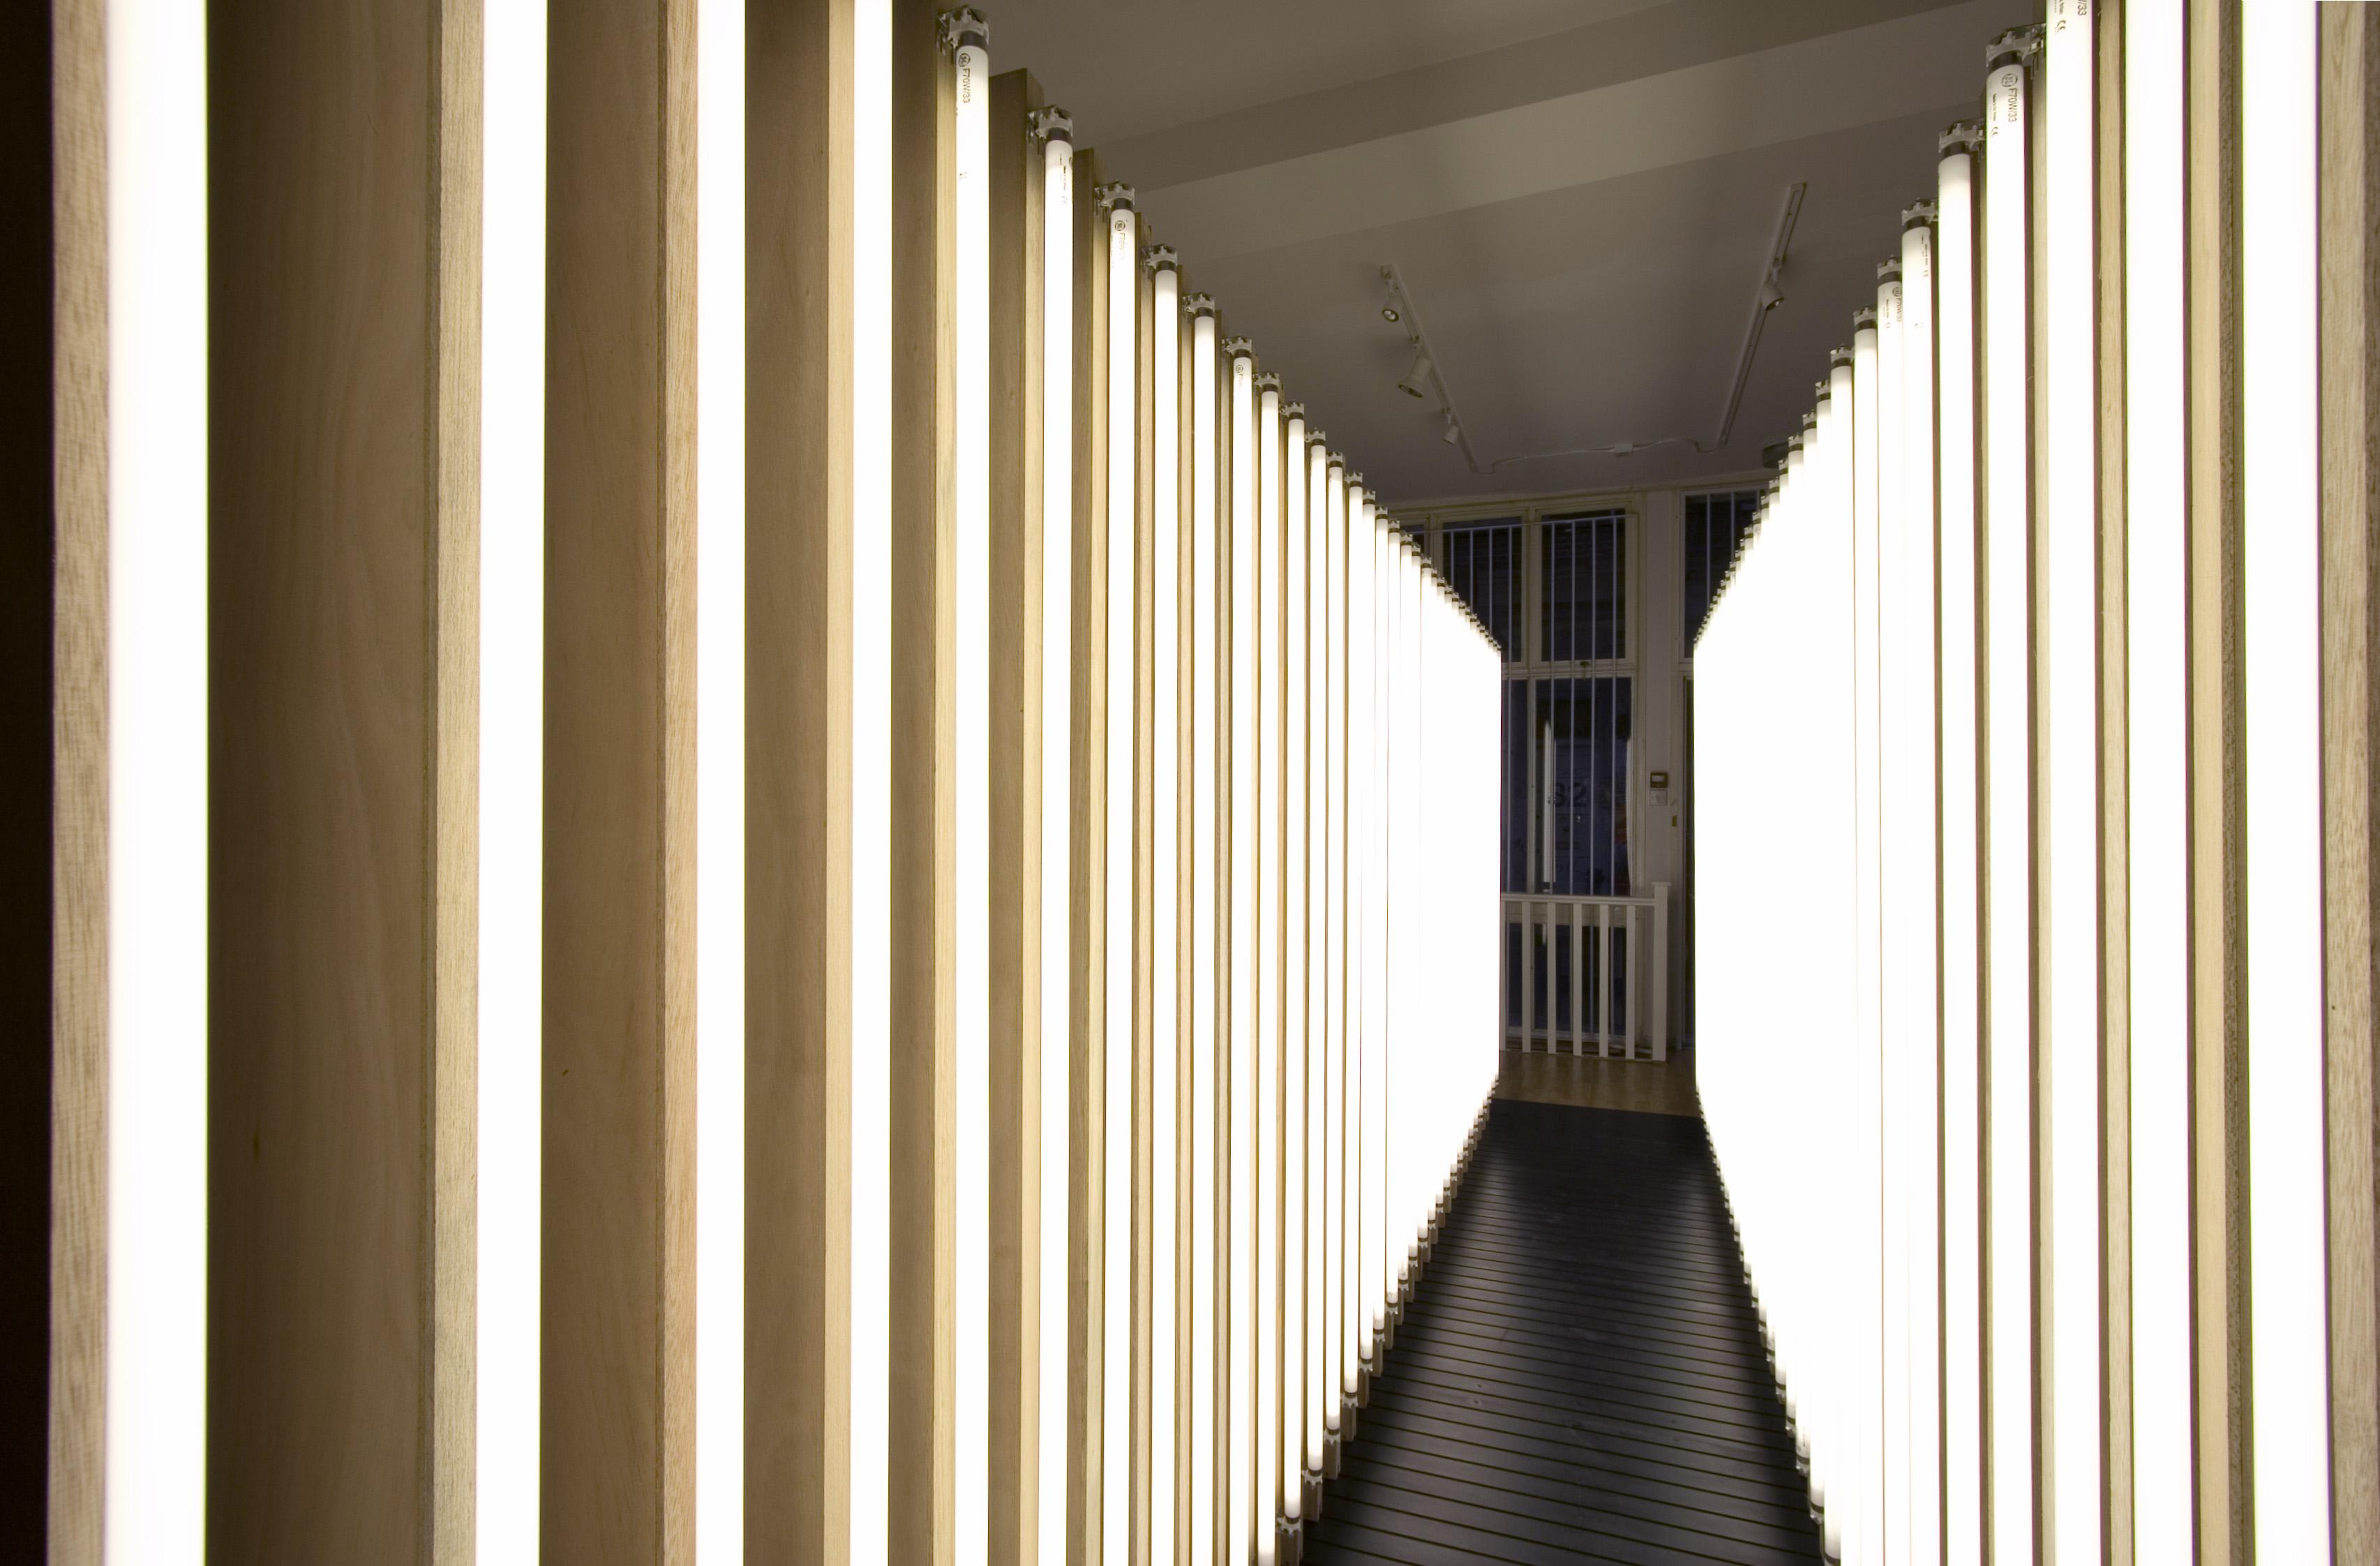 68 Doors, 2005